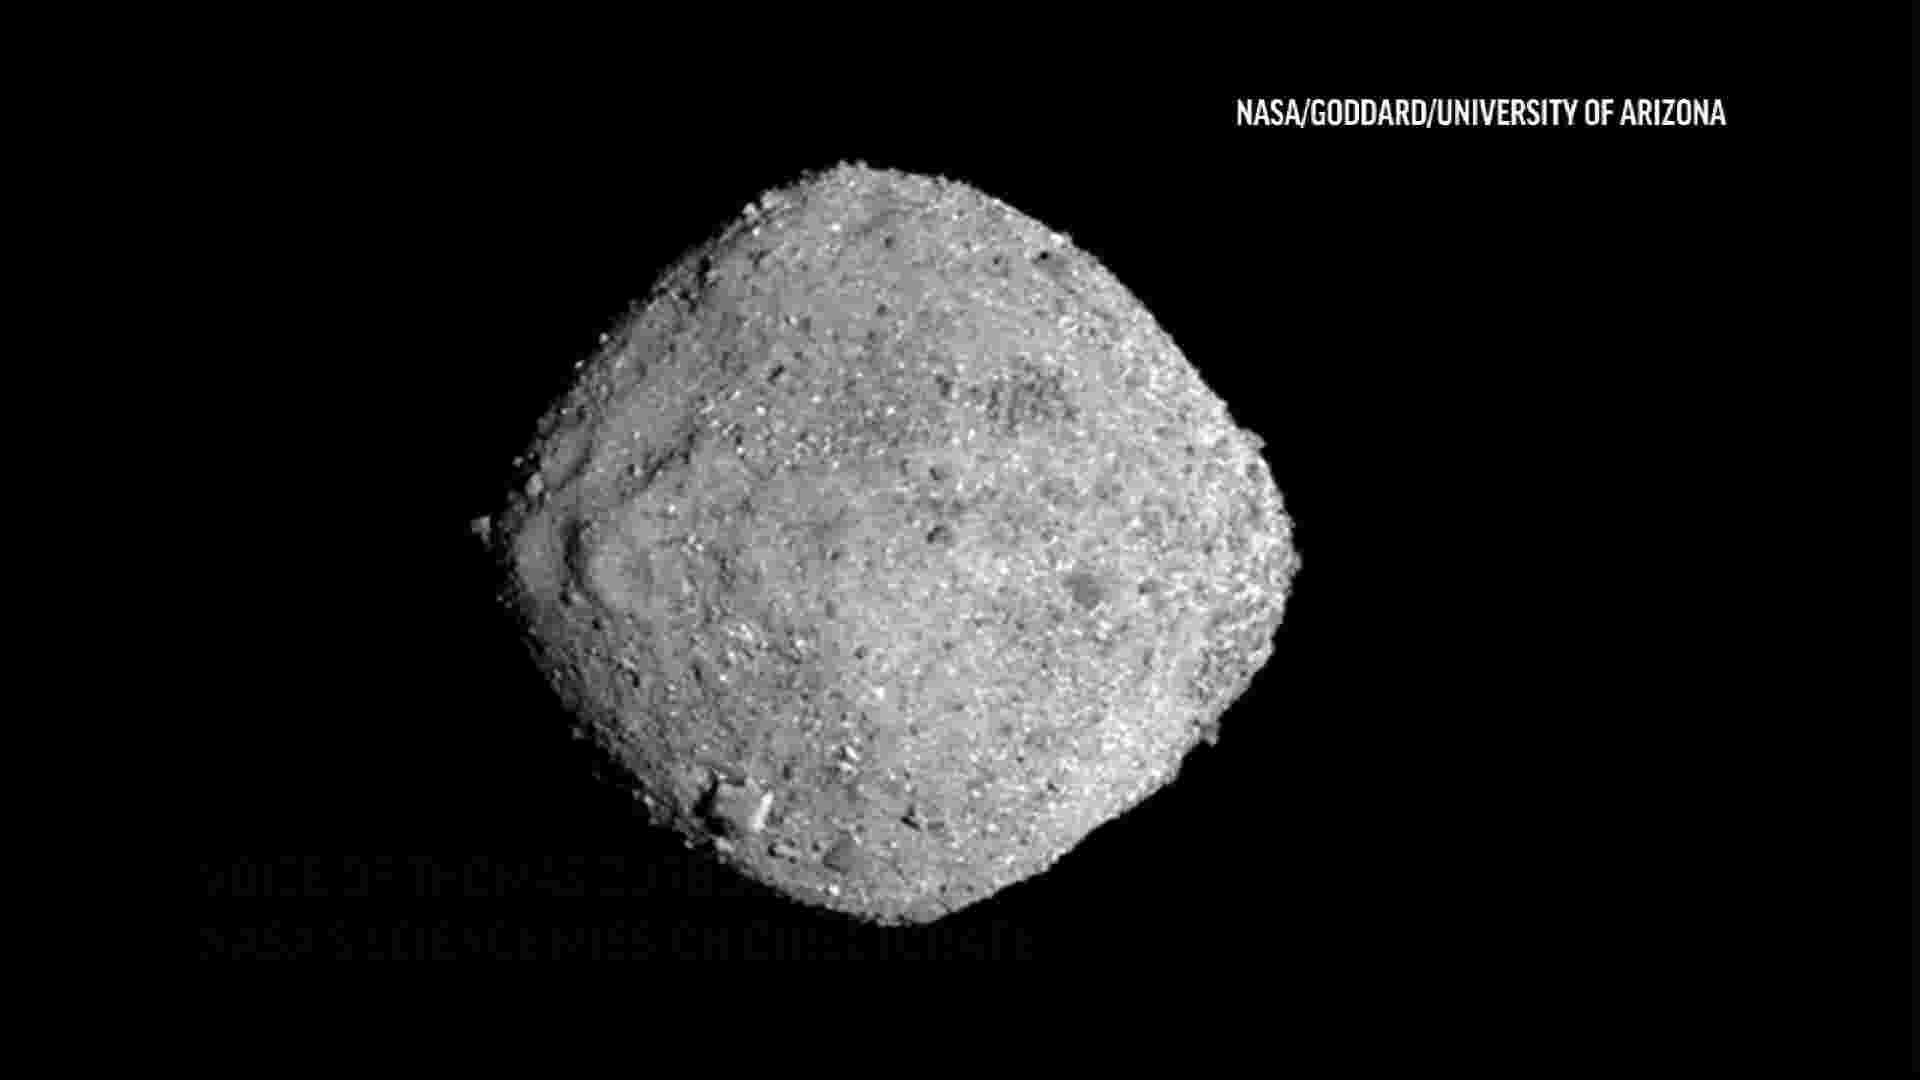 NASA prepares to touchdown on asteroid Bennu